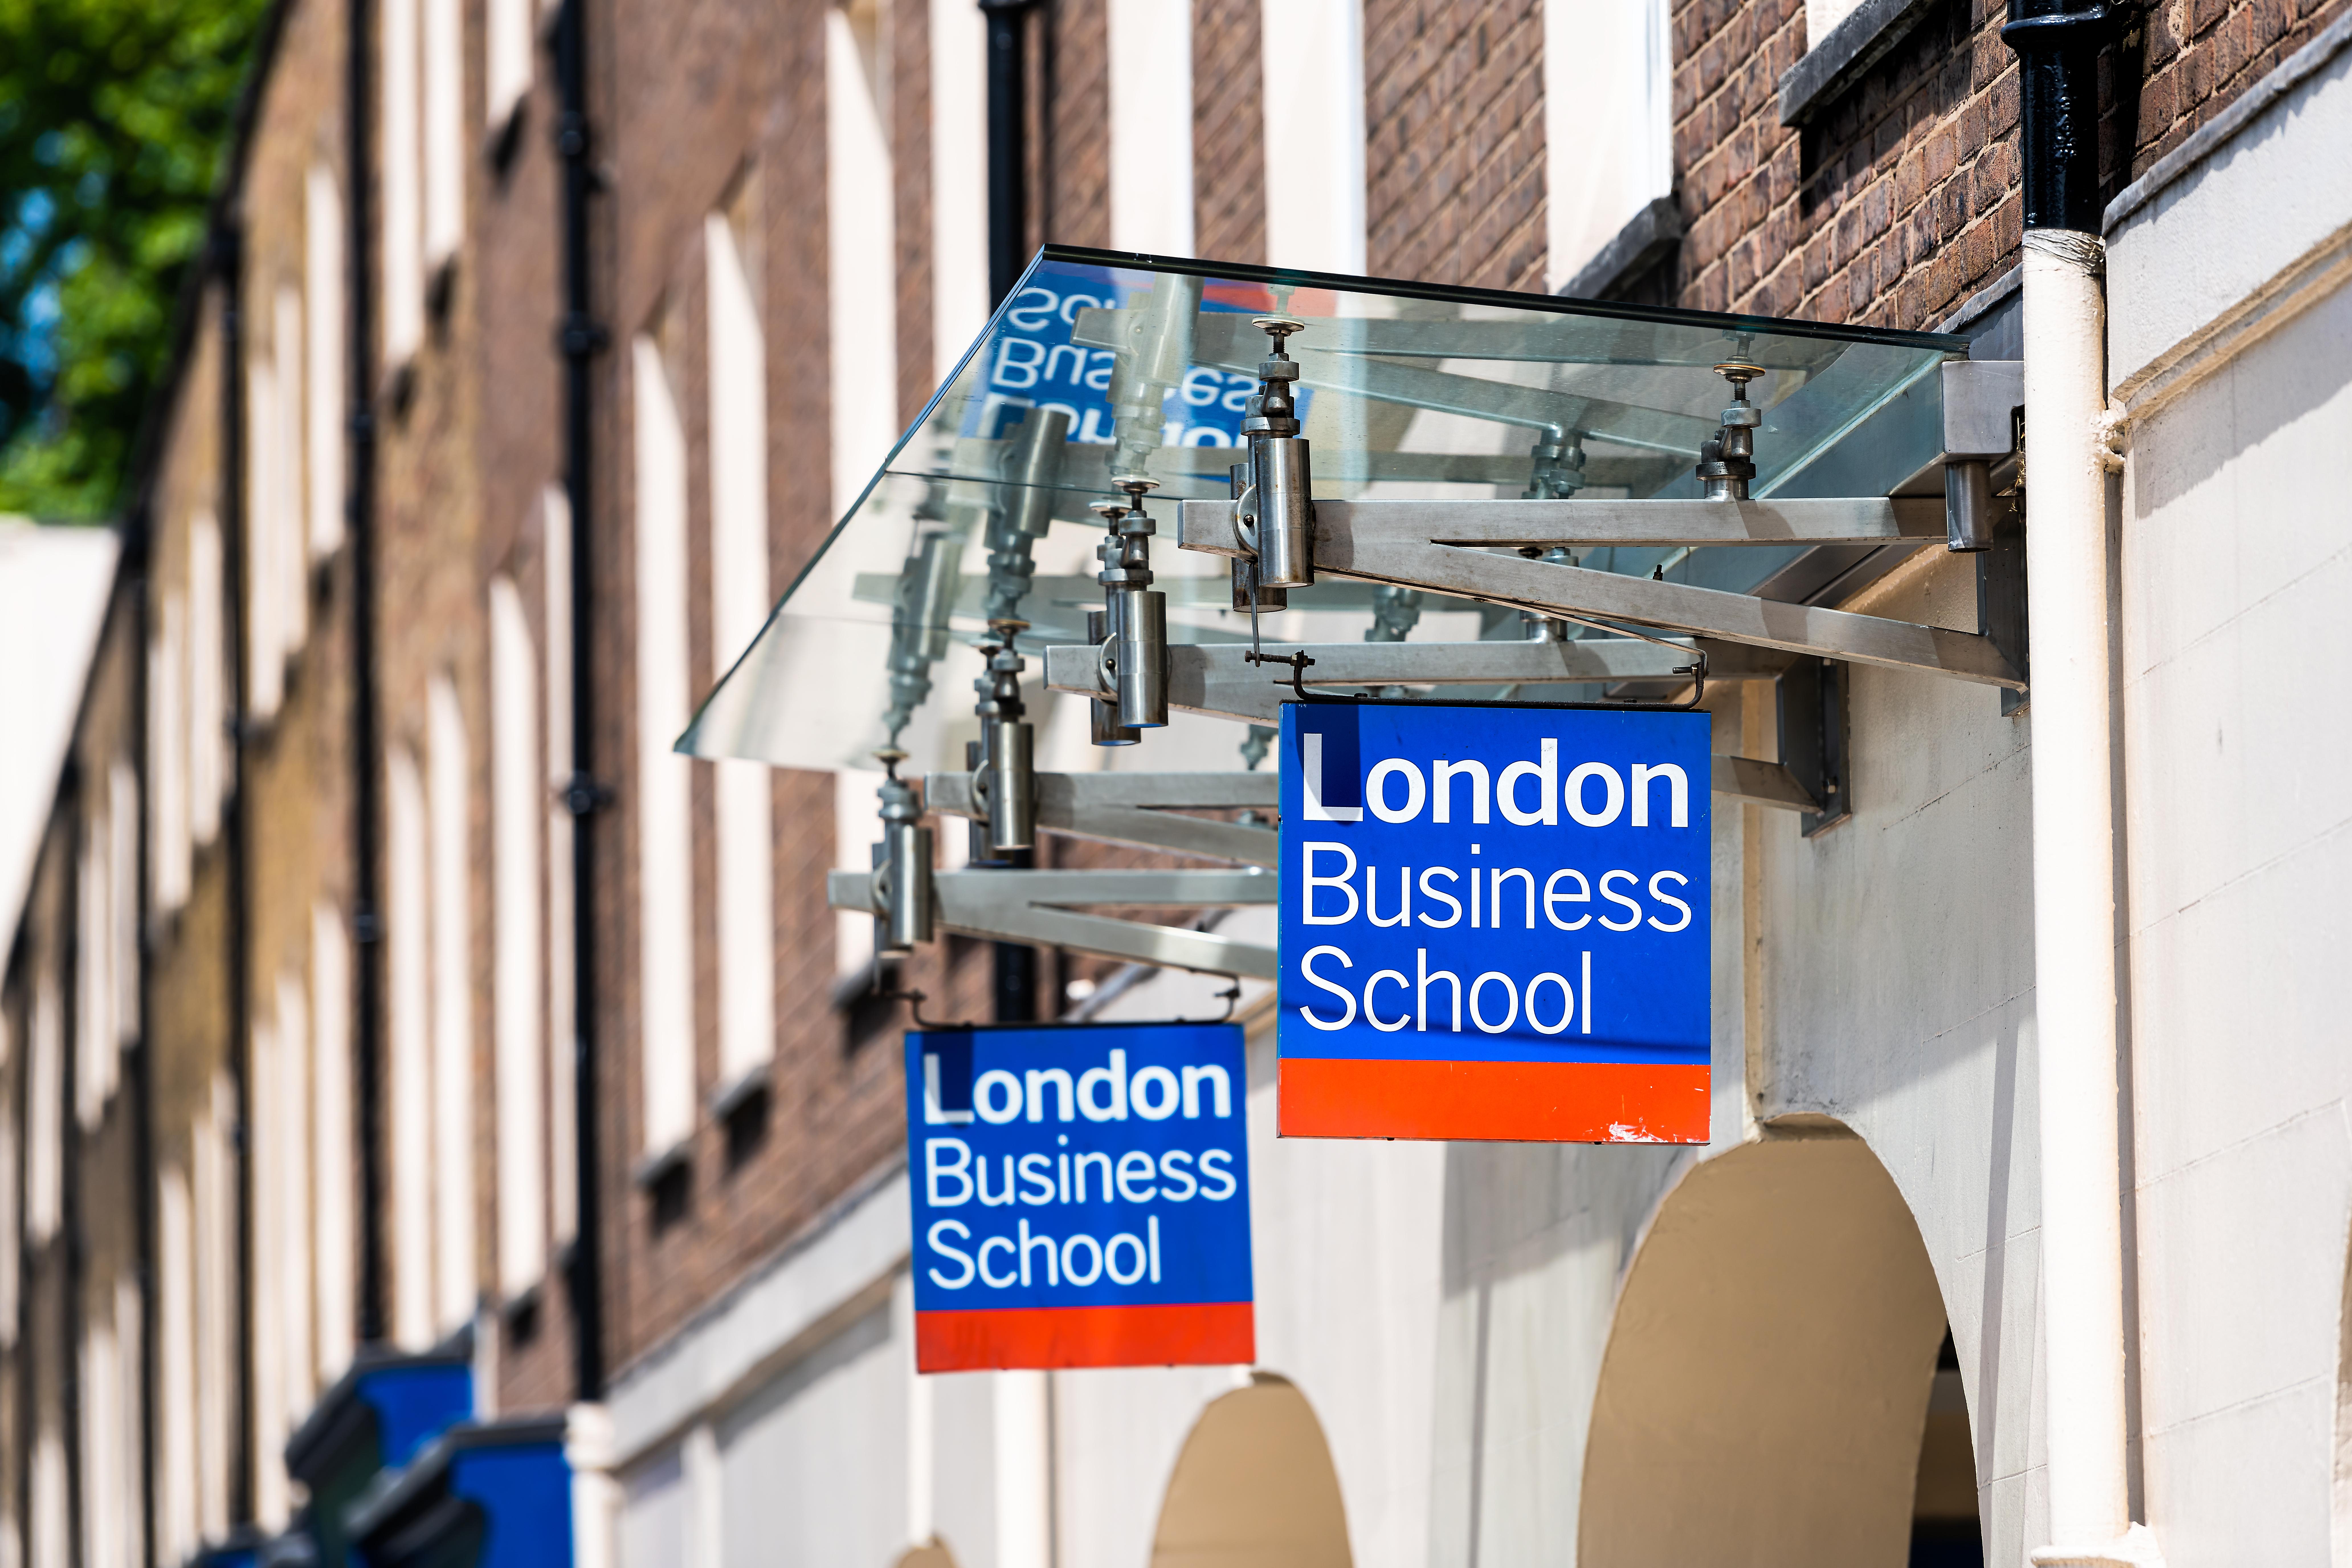 Лондонская бизнес-школа, одна из лучших в Европе